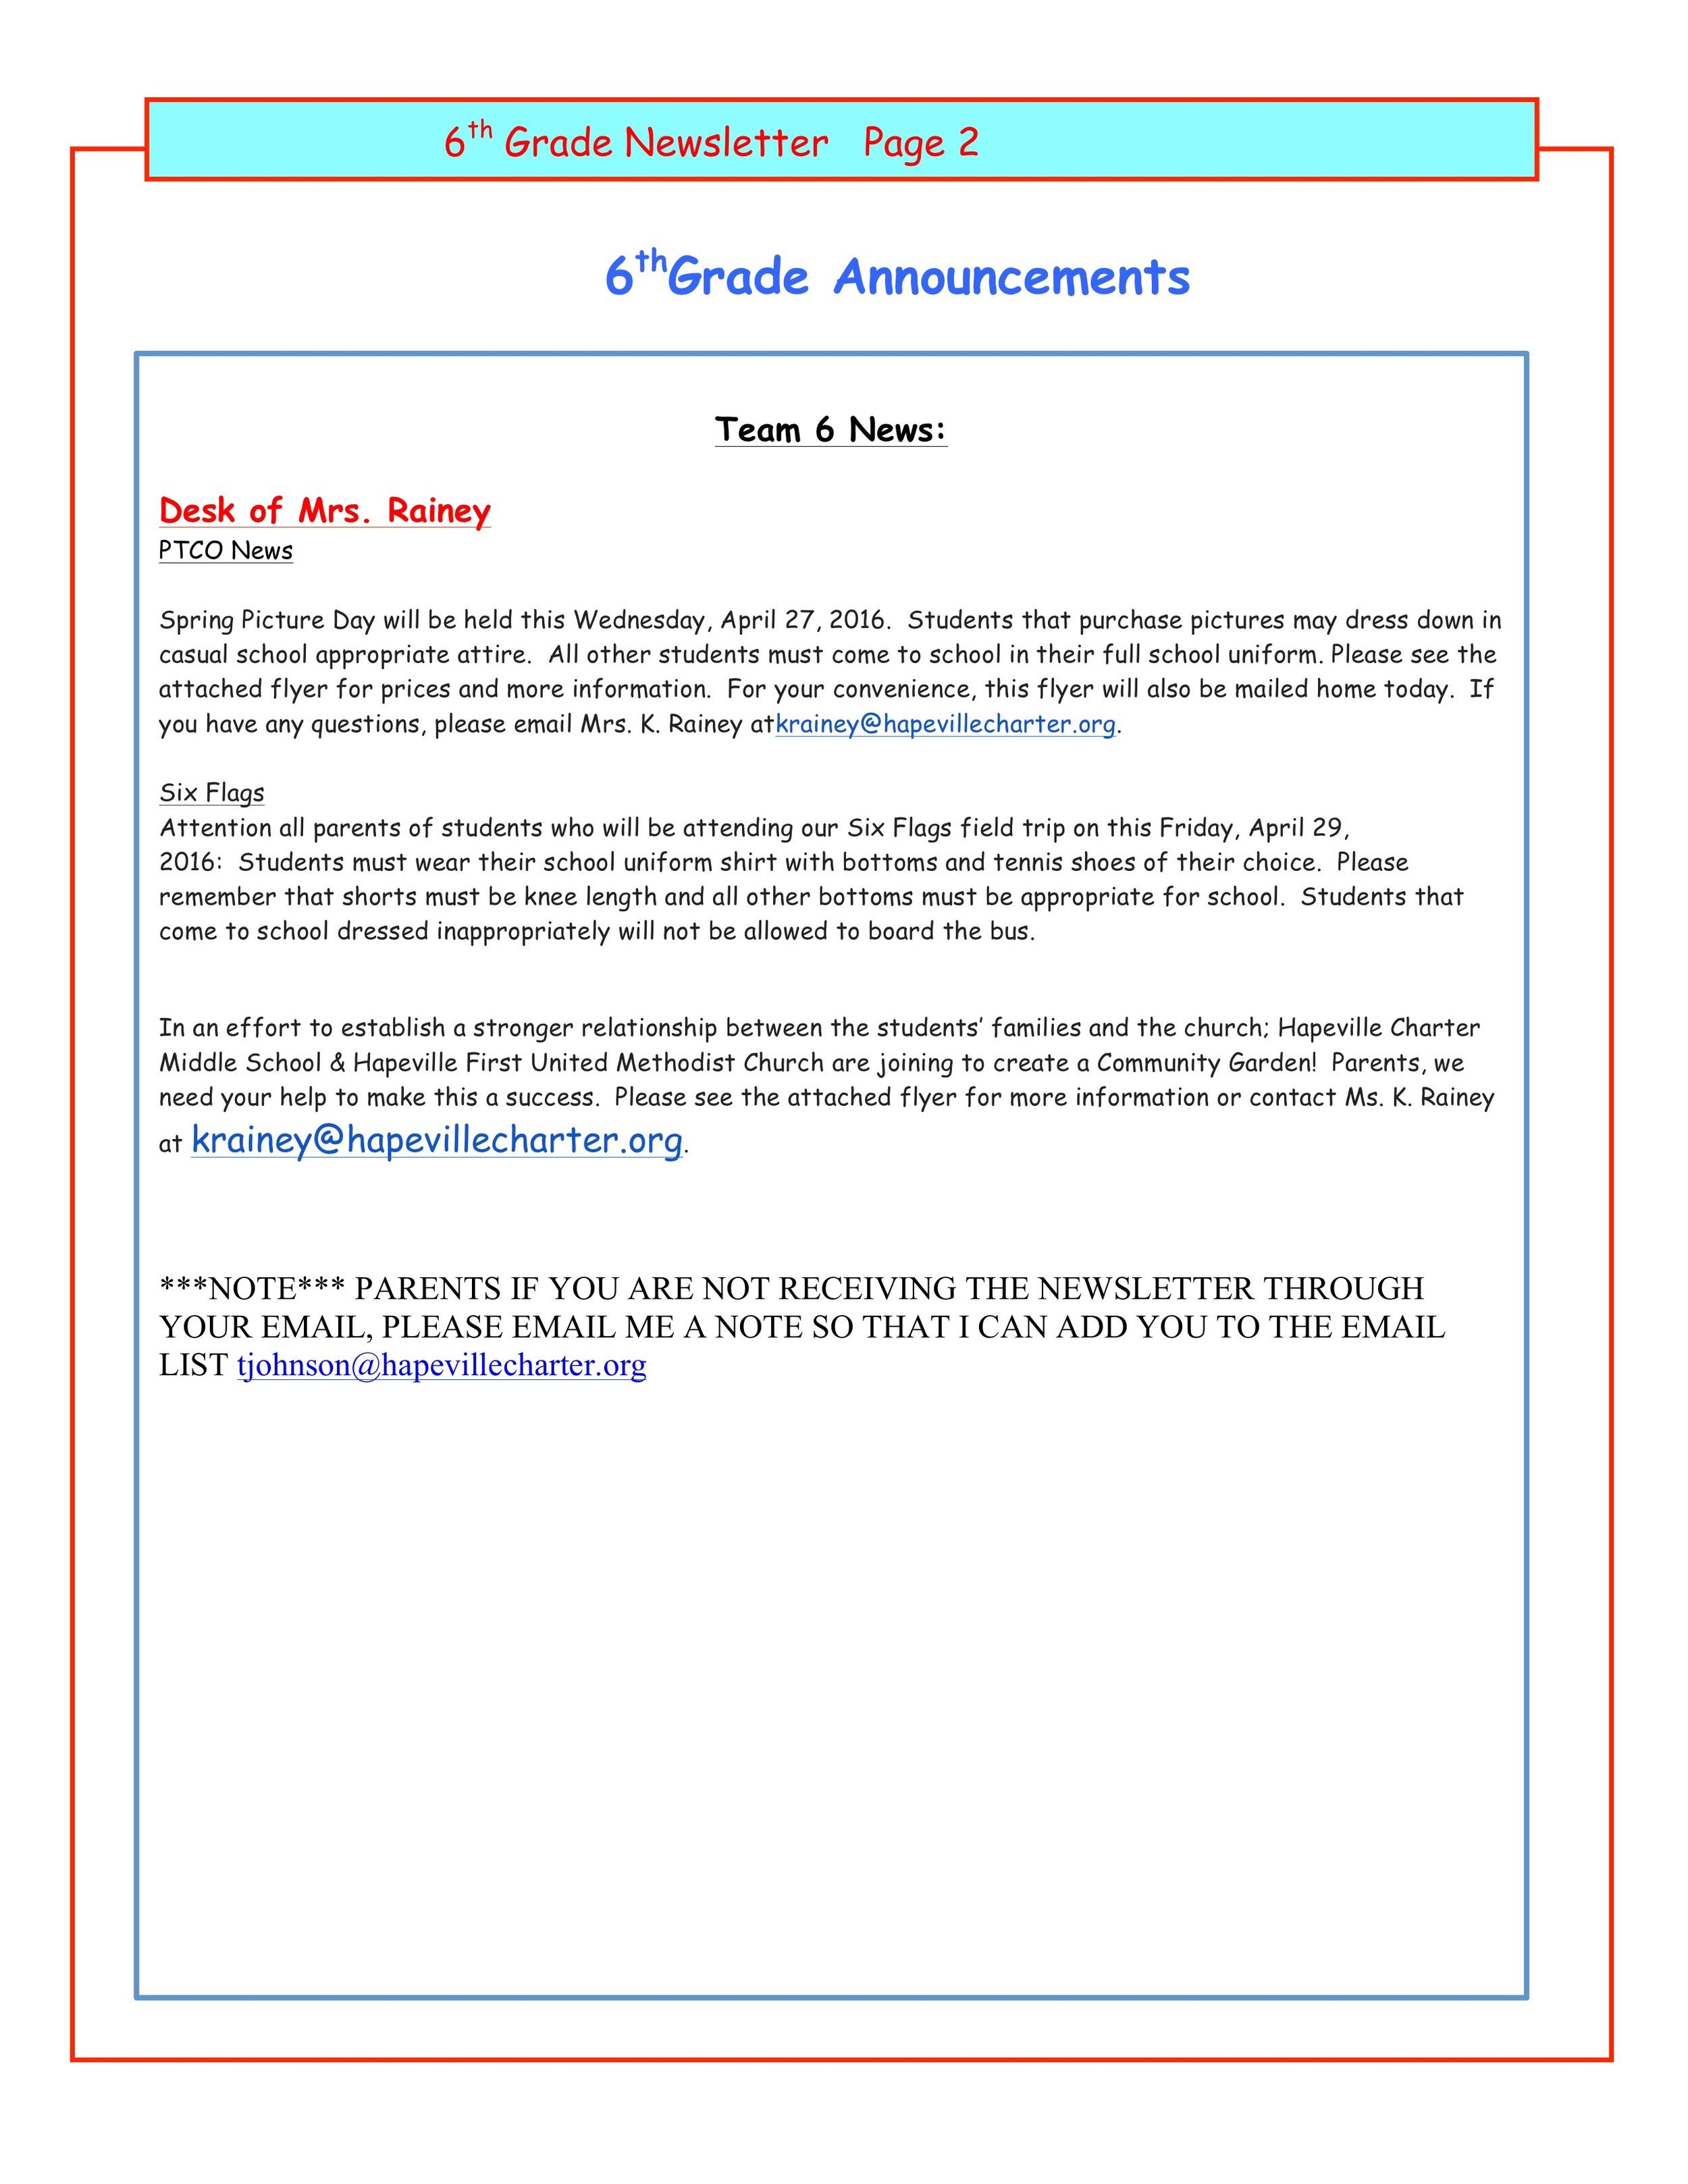 Newsletter Image6th Grade Newsletter 4-25 2.jpeg